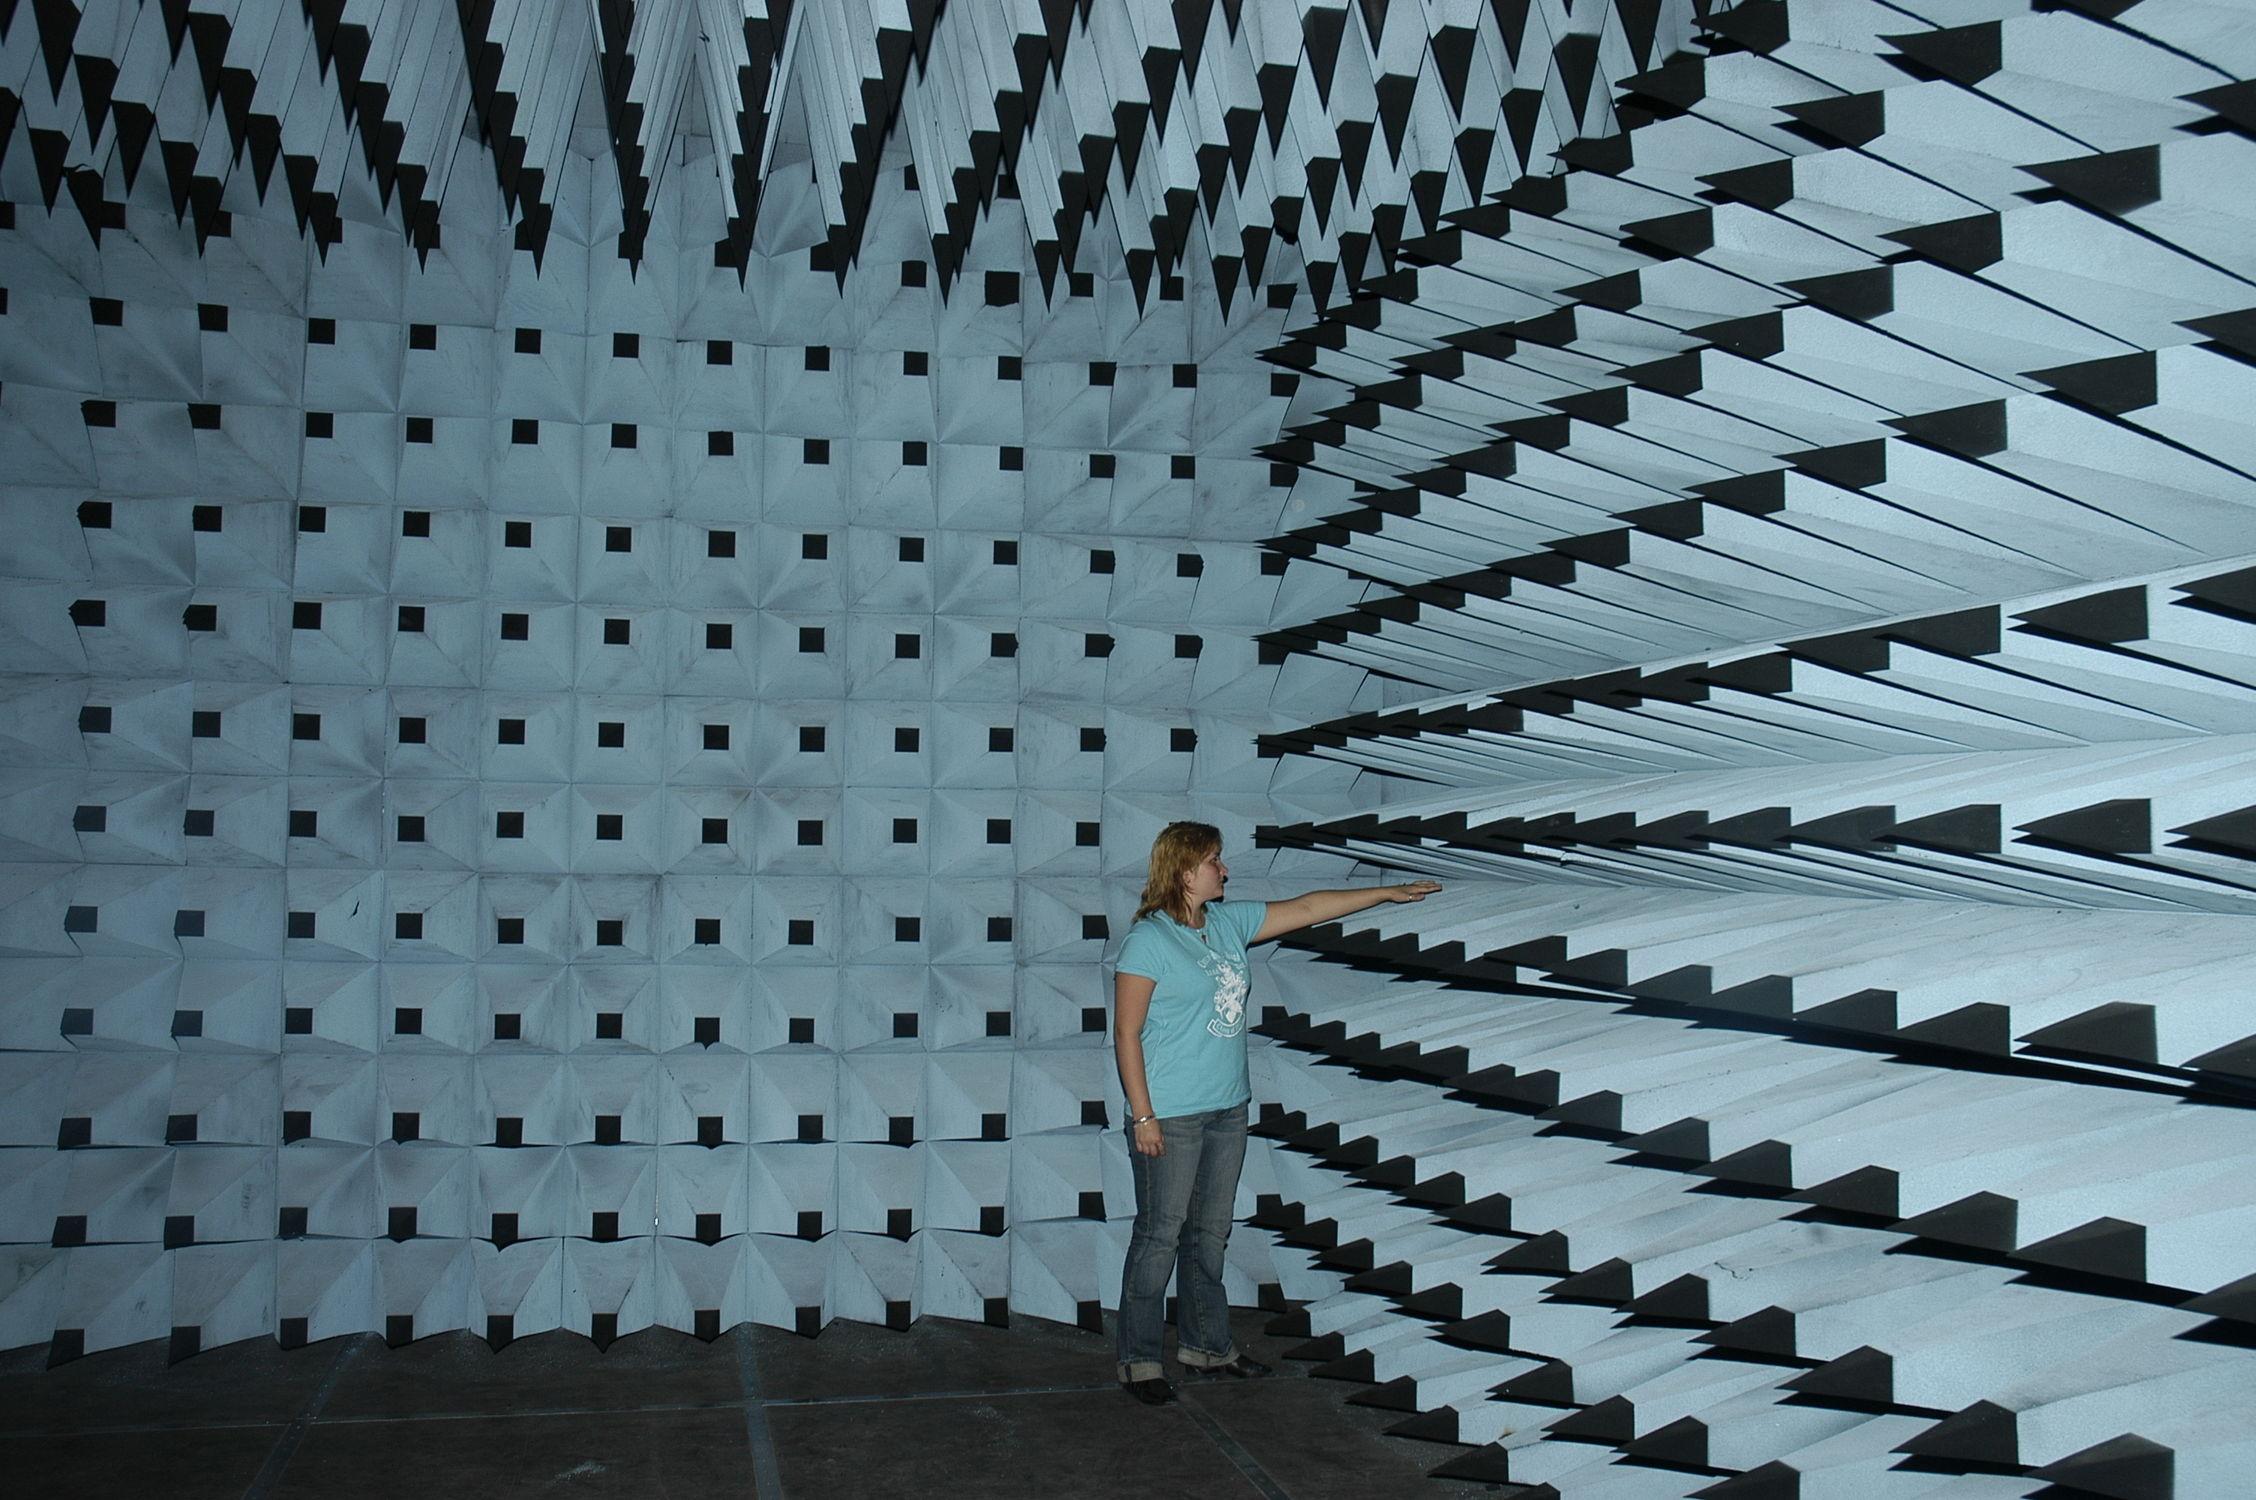 chambre de test cem / anéchoïque - holland shielding systems bv